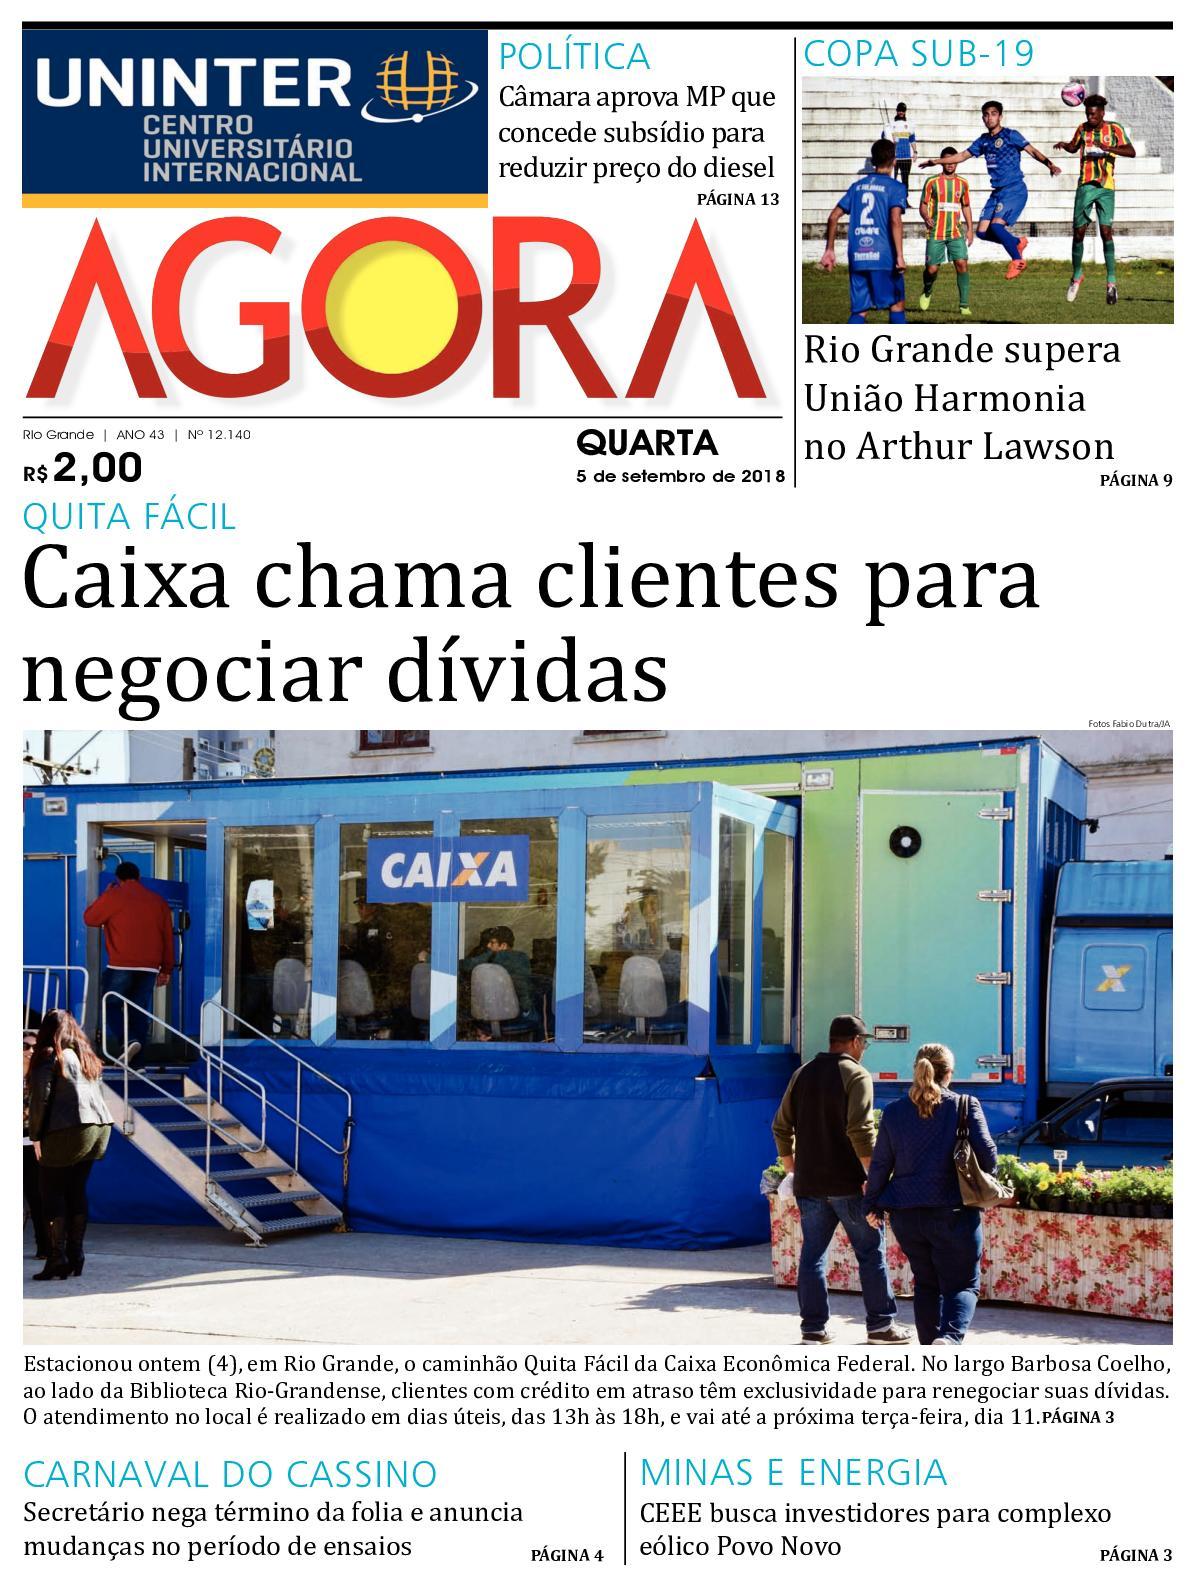 fb61ed45d Calaméo - Jornal Agora - Edição 12140 - 5 de Setembro de 2018